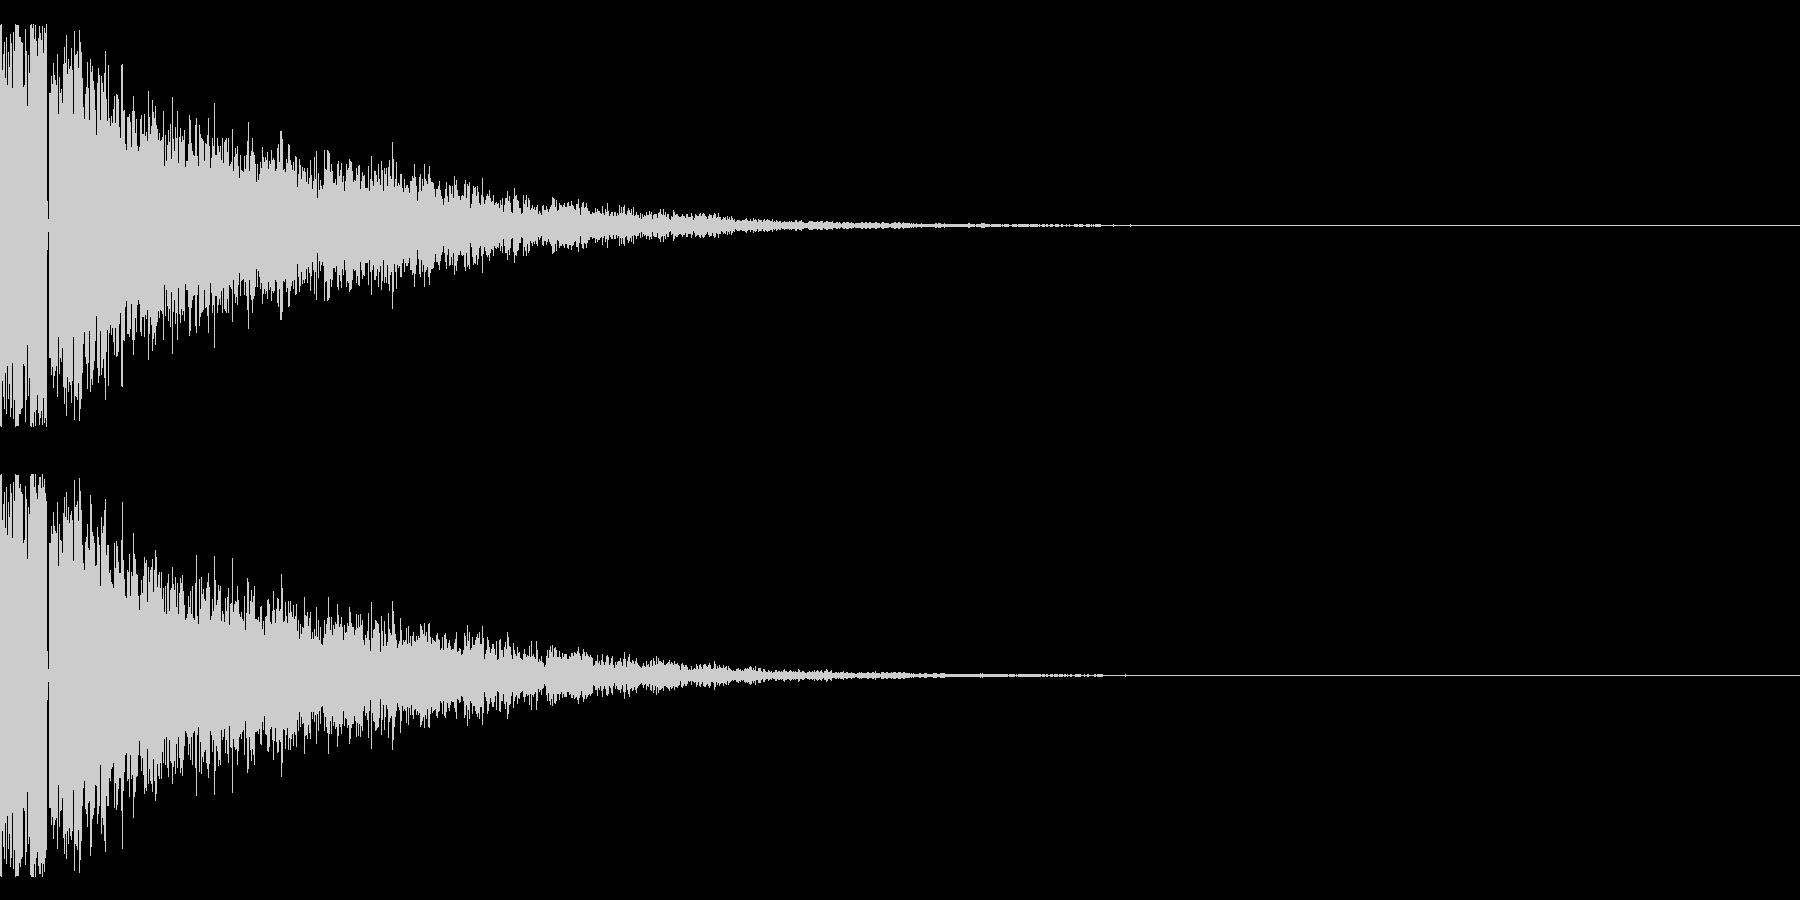 鉄系『ガキーン』の未再生の波形